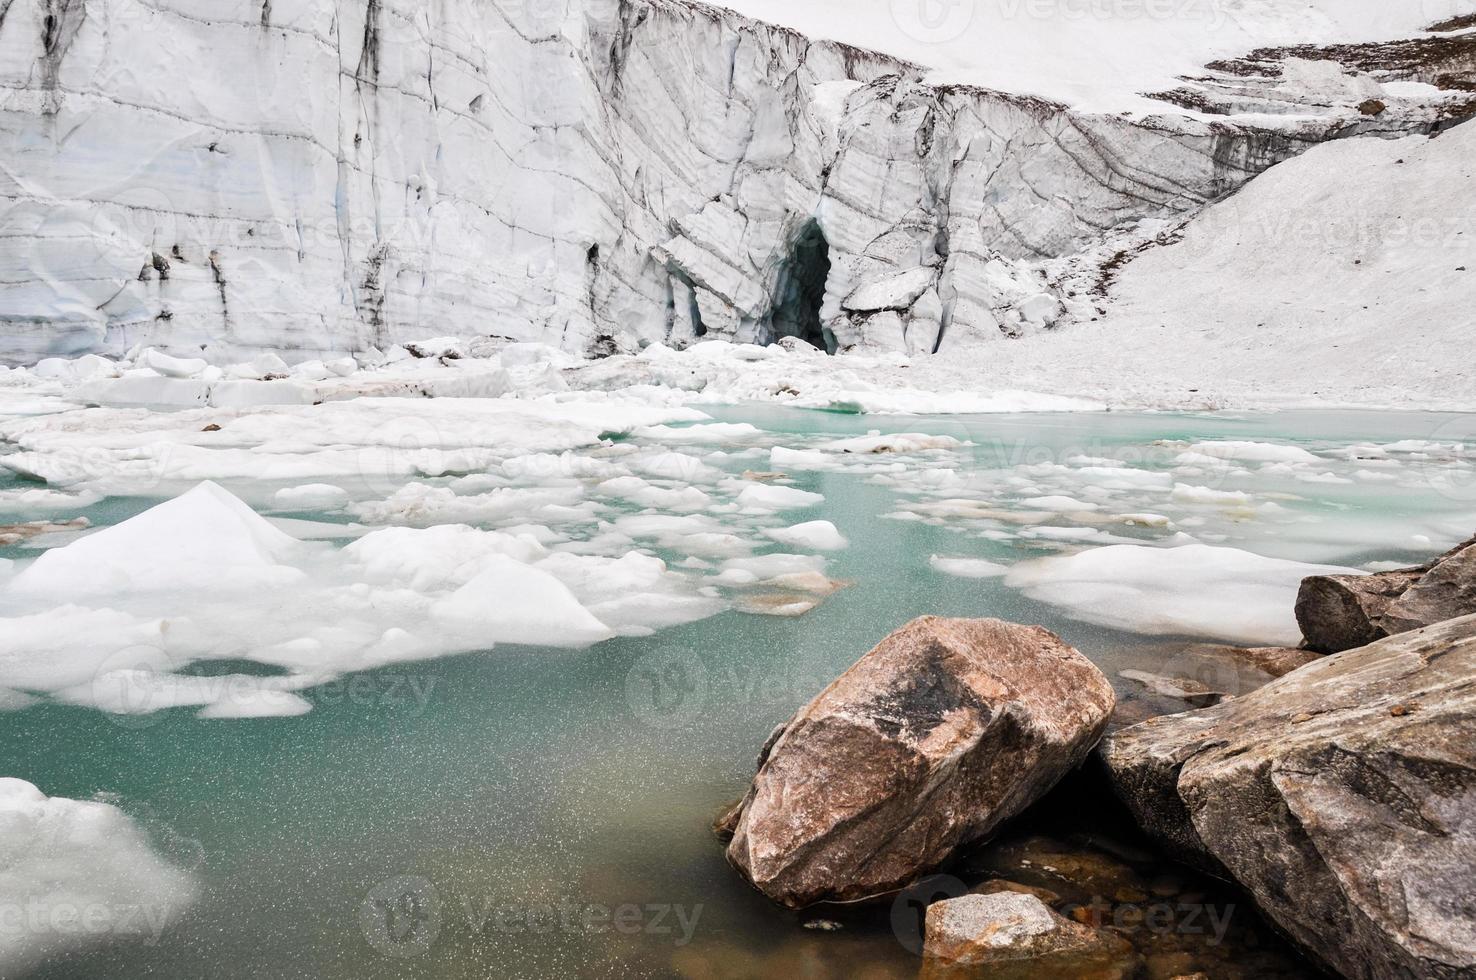 glacier du mont edith cavell, parc national Jasper (Canada) photo